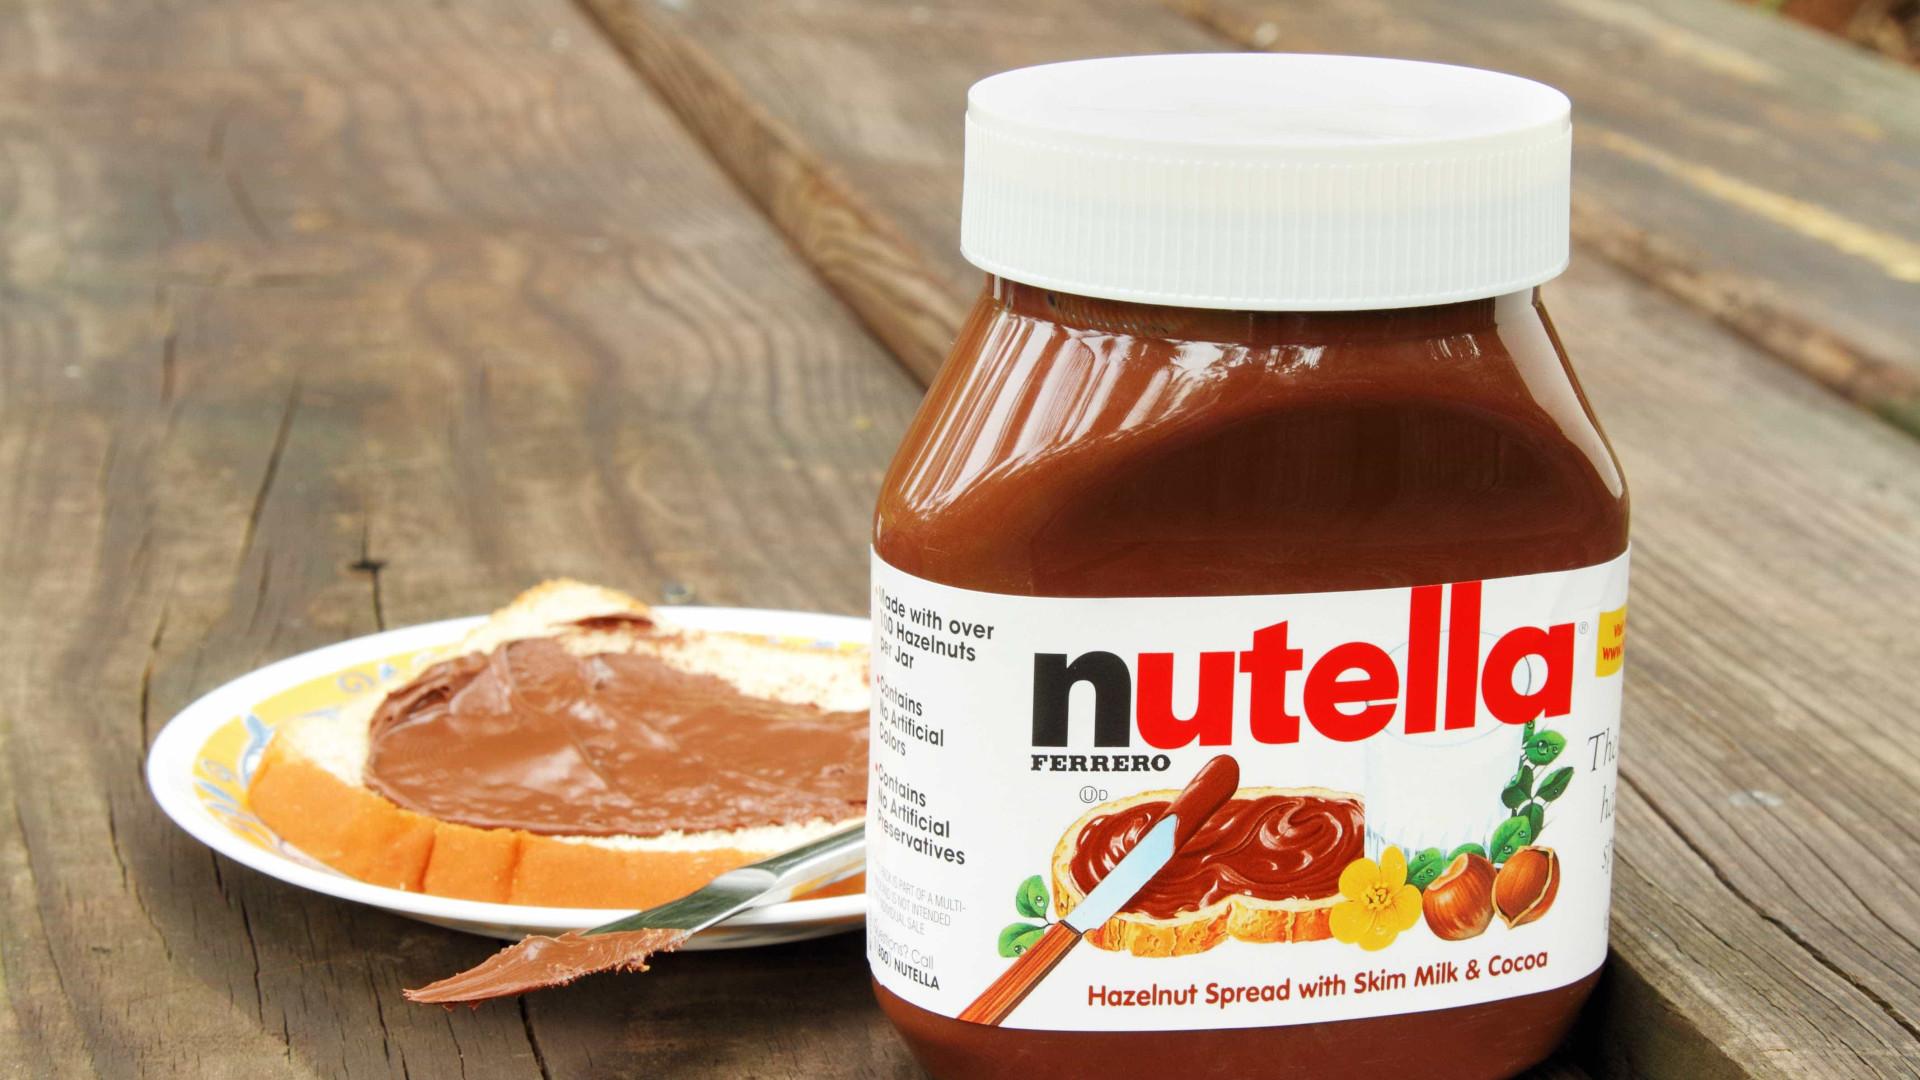 'Dia Mundial da Nutella' é comemorado nesta terça-feira